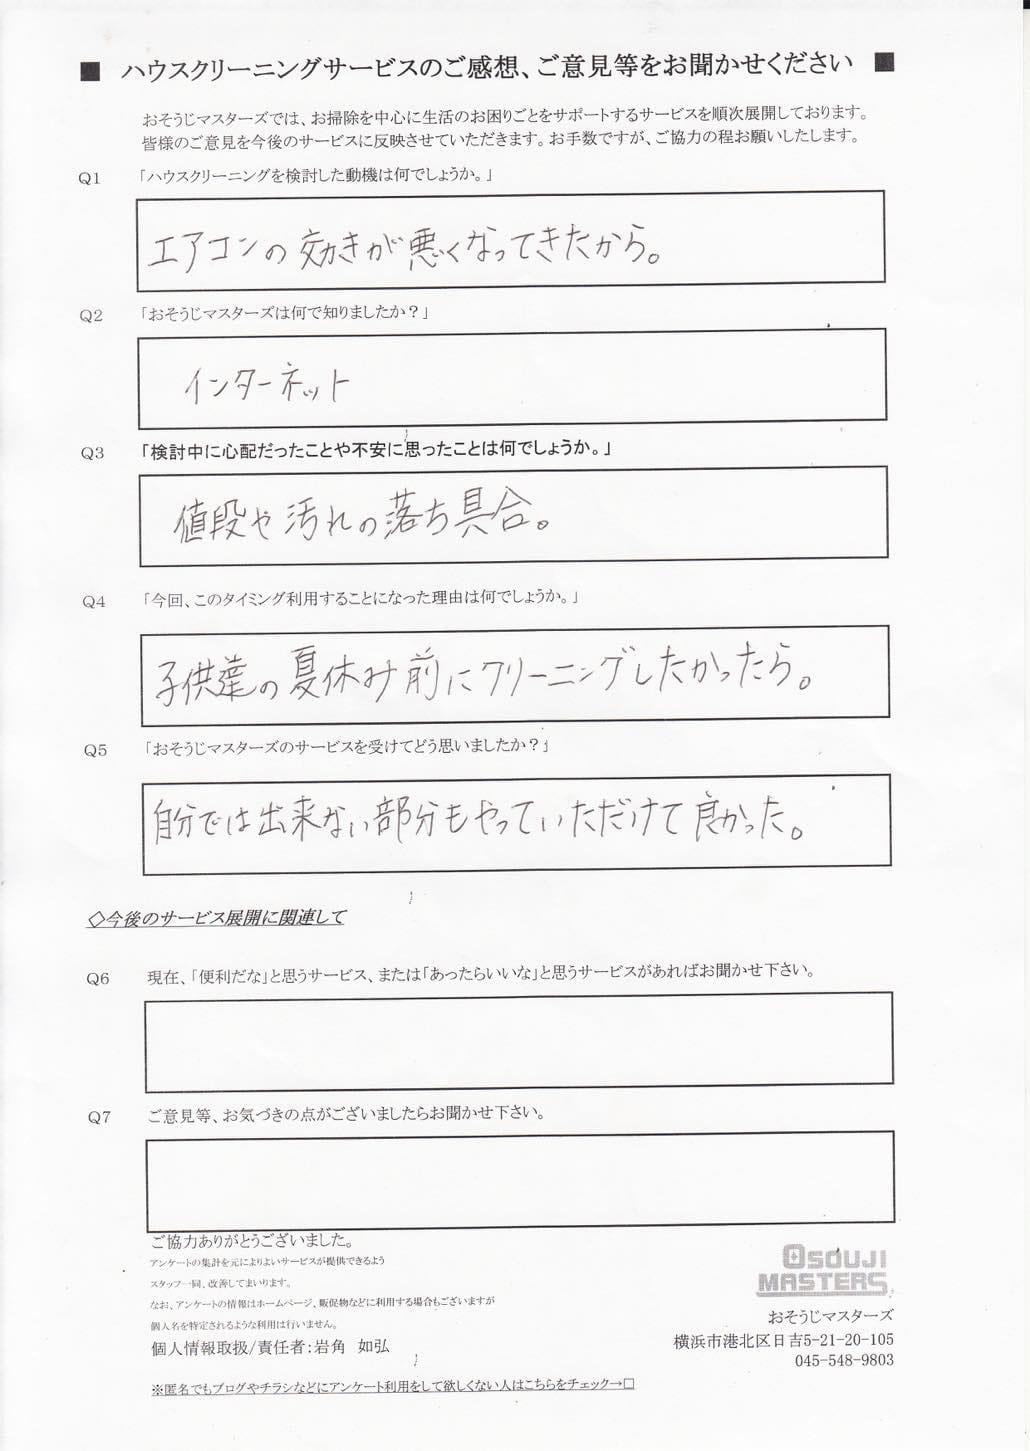 2015/07/15 エアコンクリーニング 【横浜市神奈川区】